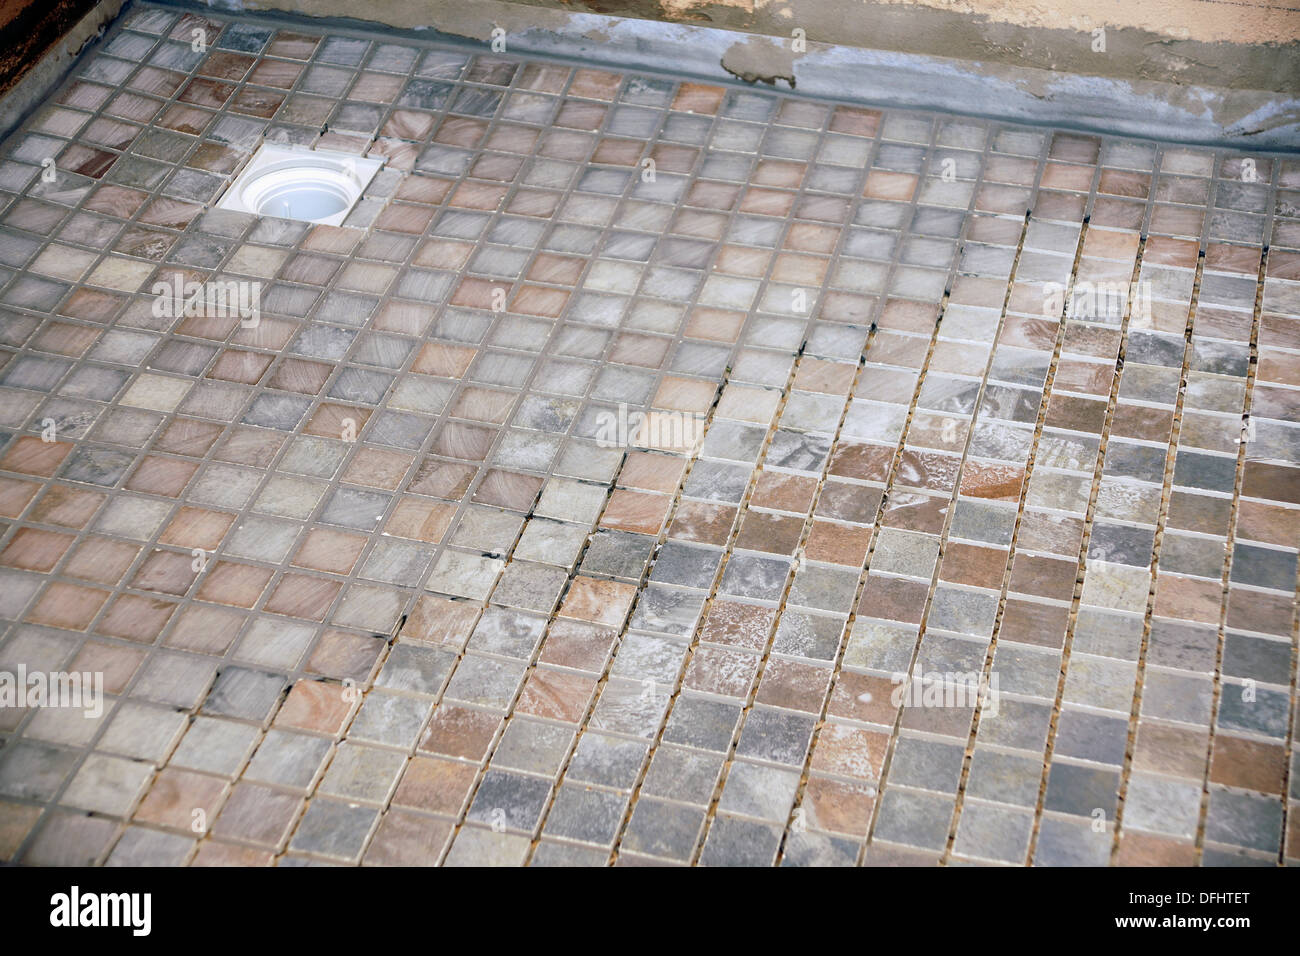 Non Slip Floor Tiles For Showers ashevillehomemarketcom